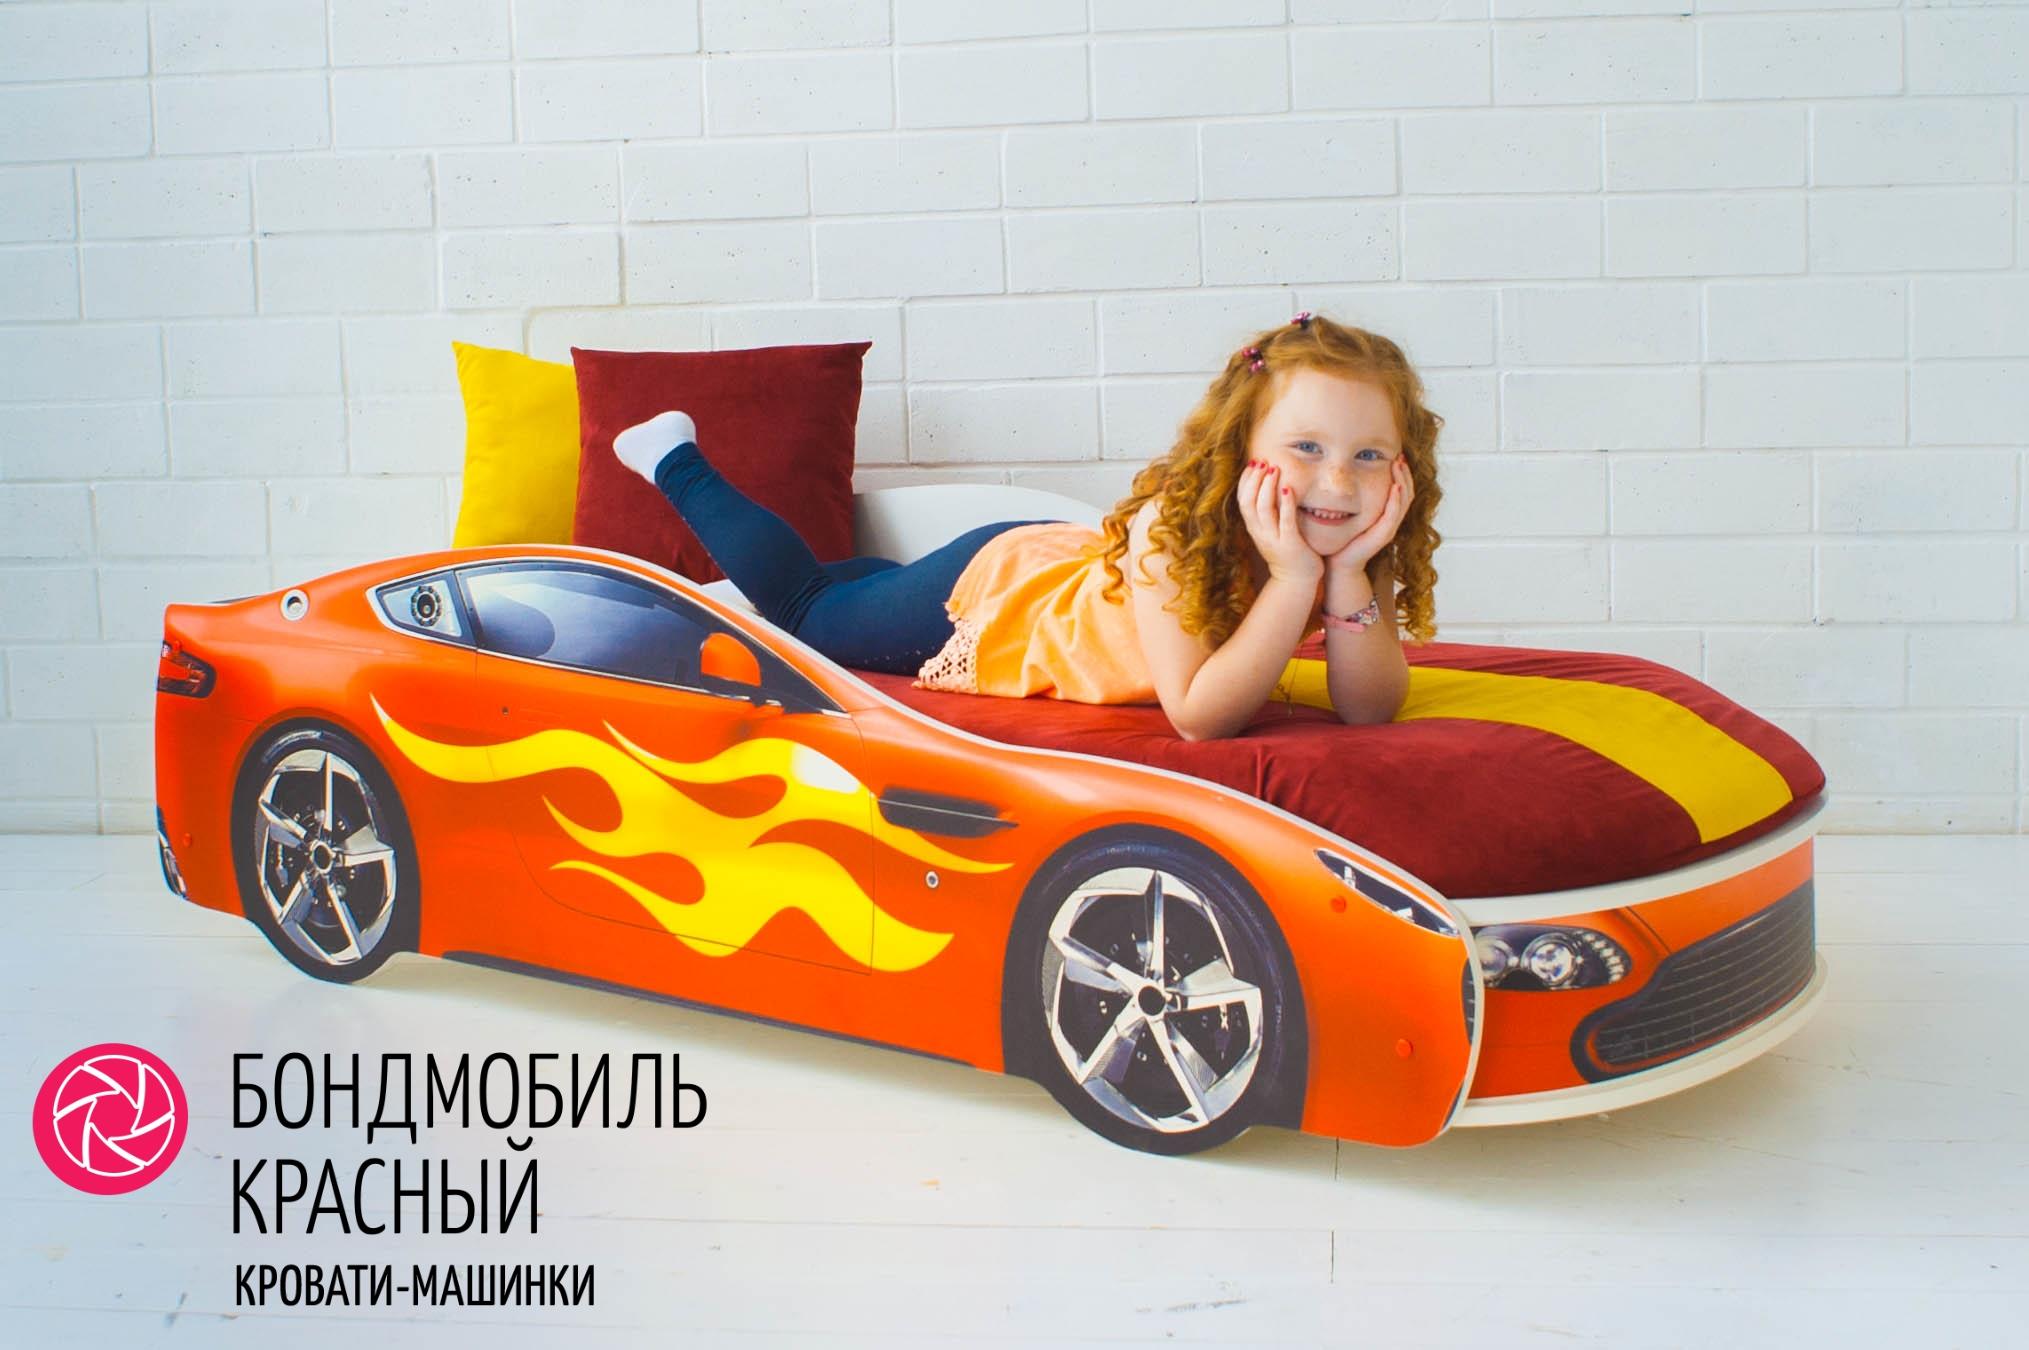 Детская кровать-машина красный -Бондмобиль-11